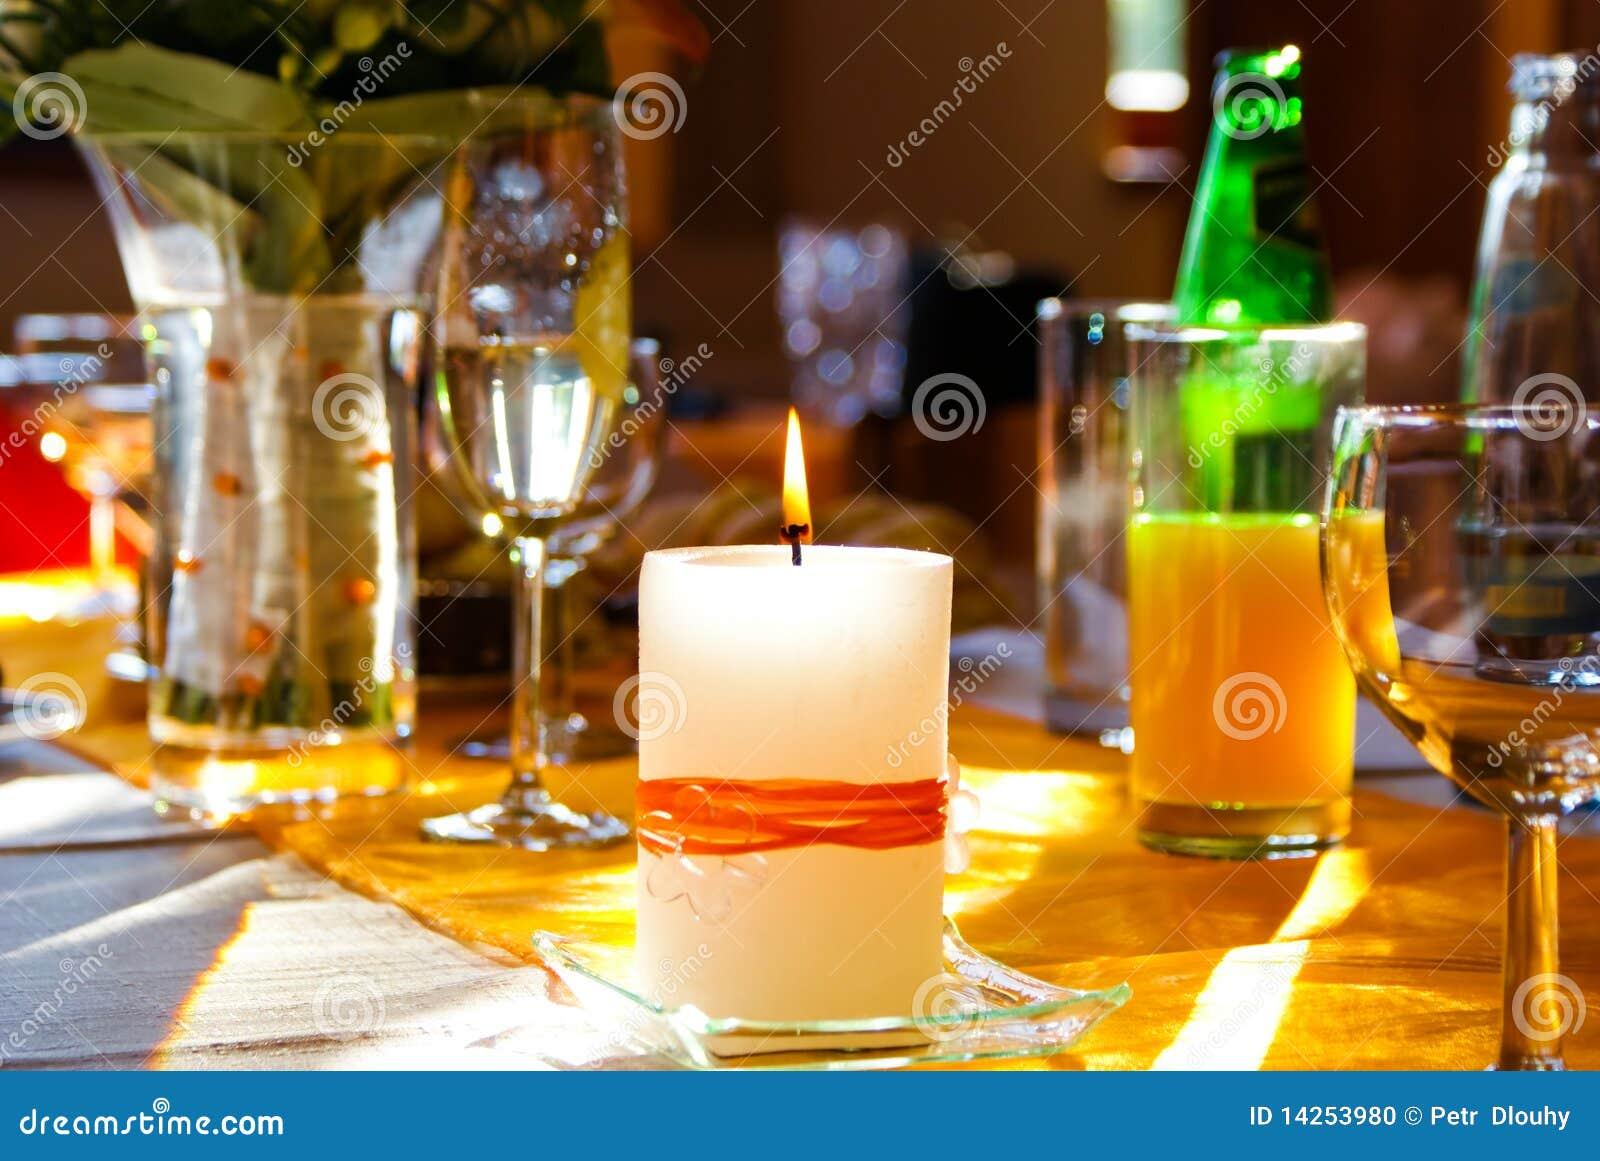 świeczka stół